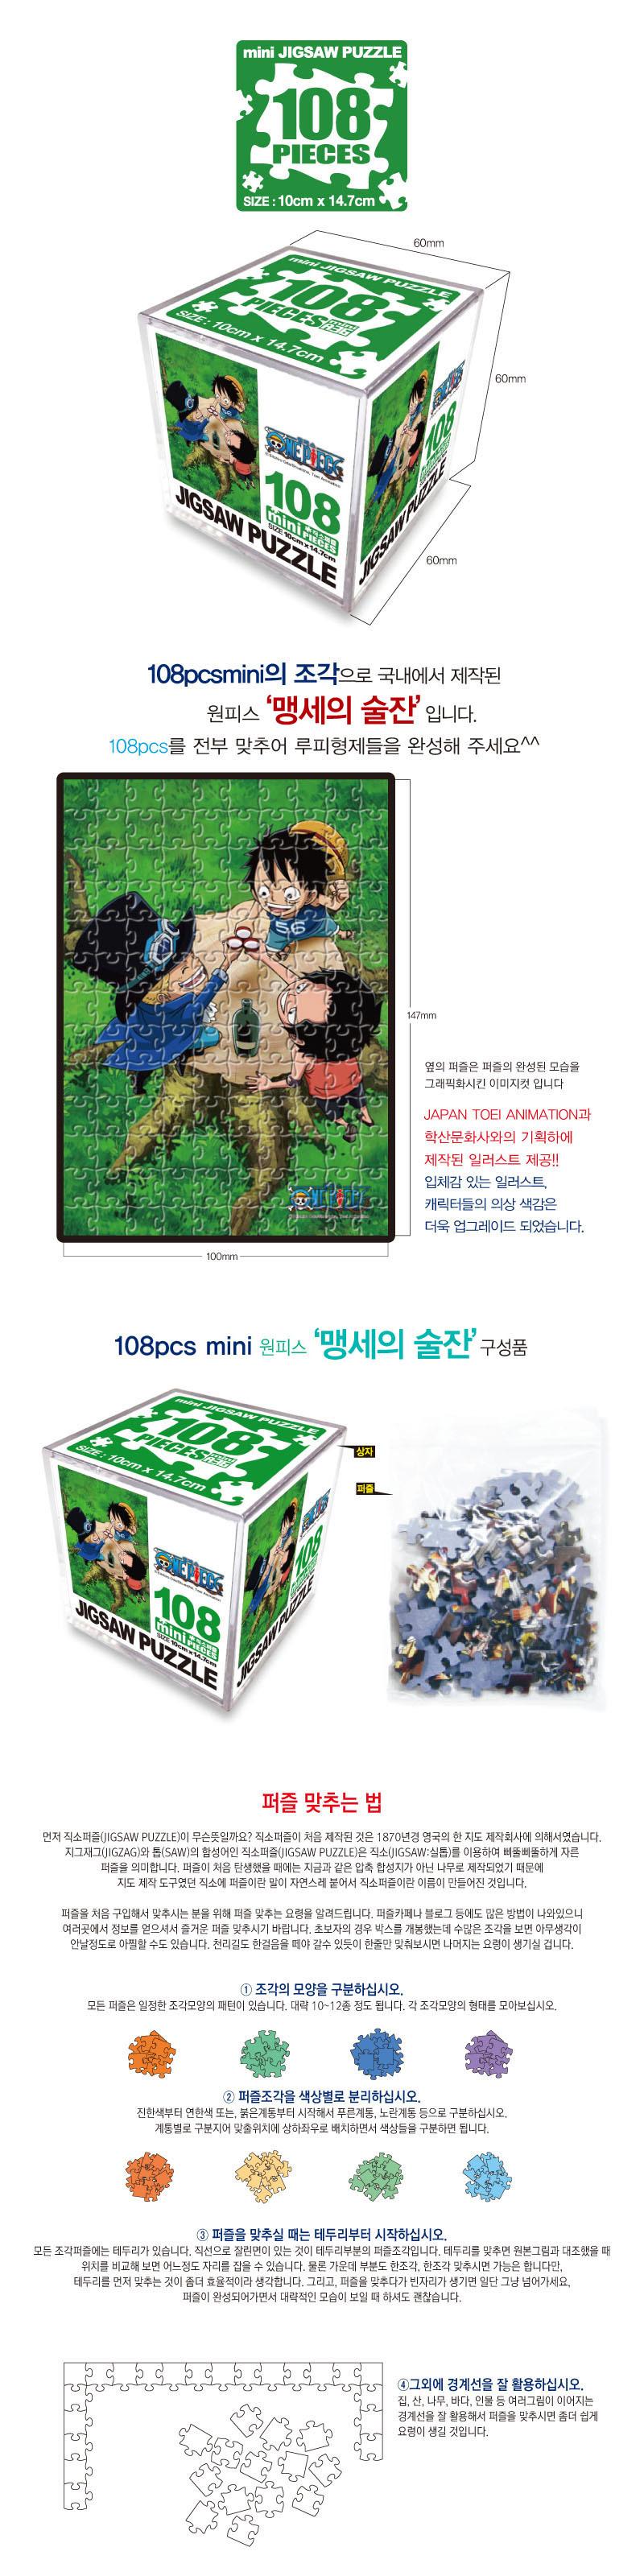 원피스 큐브 직소퍼즐 108pcs 맹세의 술잔 - 학산직소퍼즐, 5,000원, 조각/퍼즐, 만화/애니 직소퍼즐